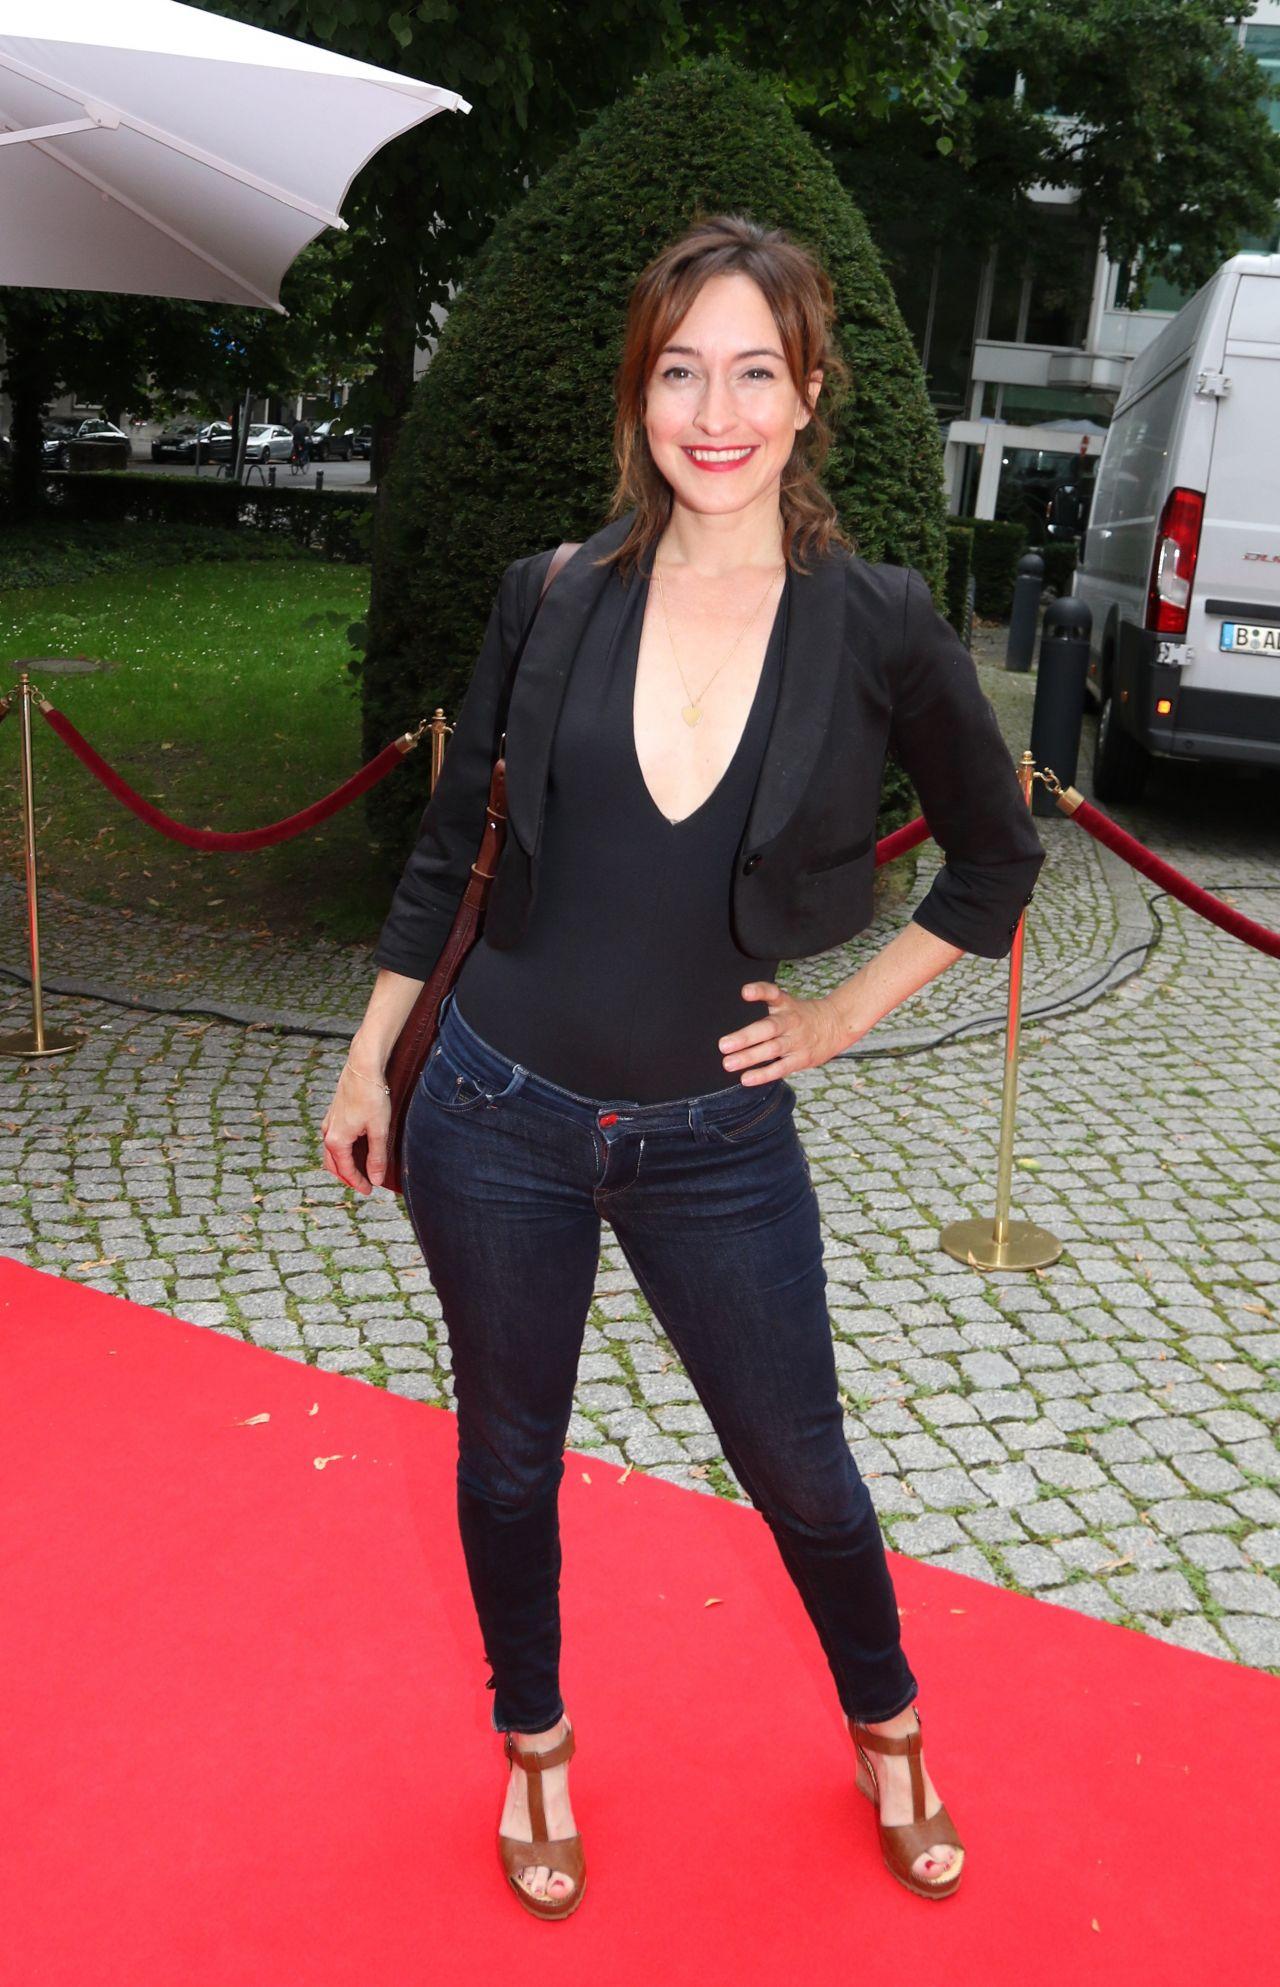 Maike von Bremen - The Party Premiere in Berlin 07/24